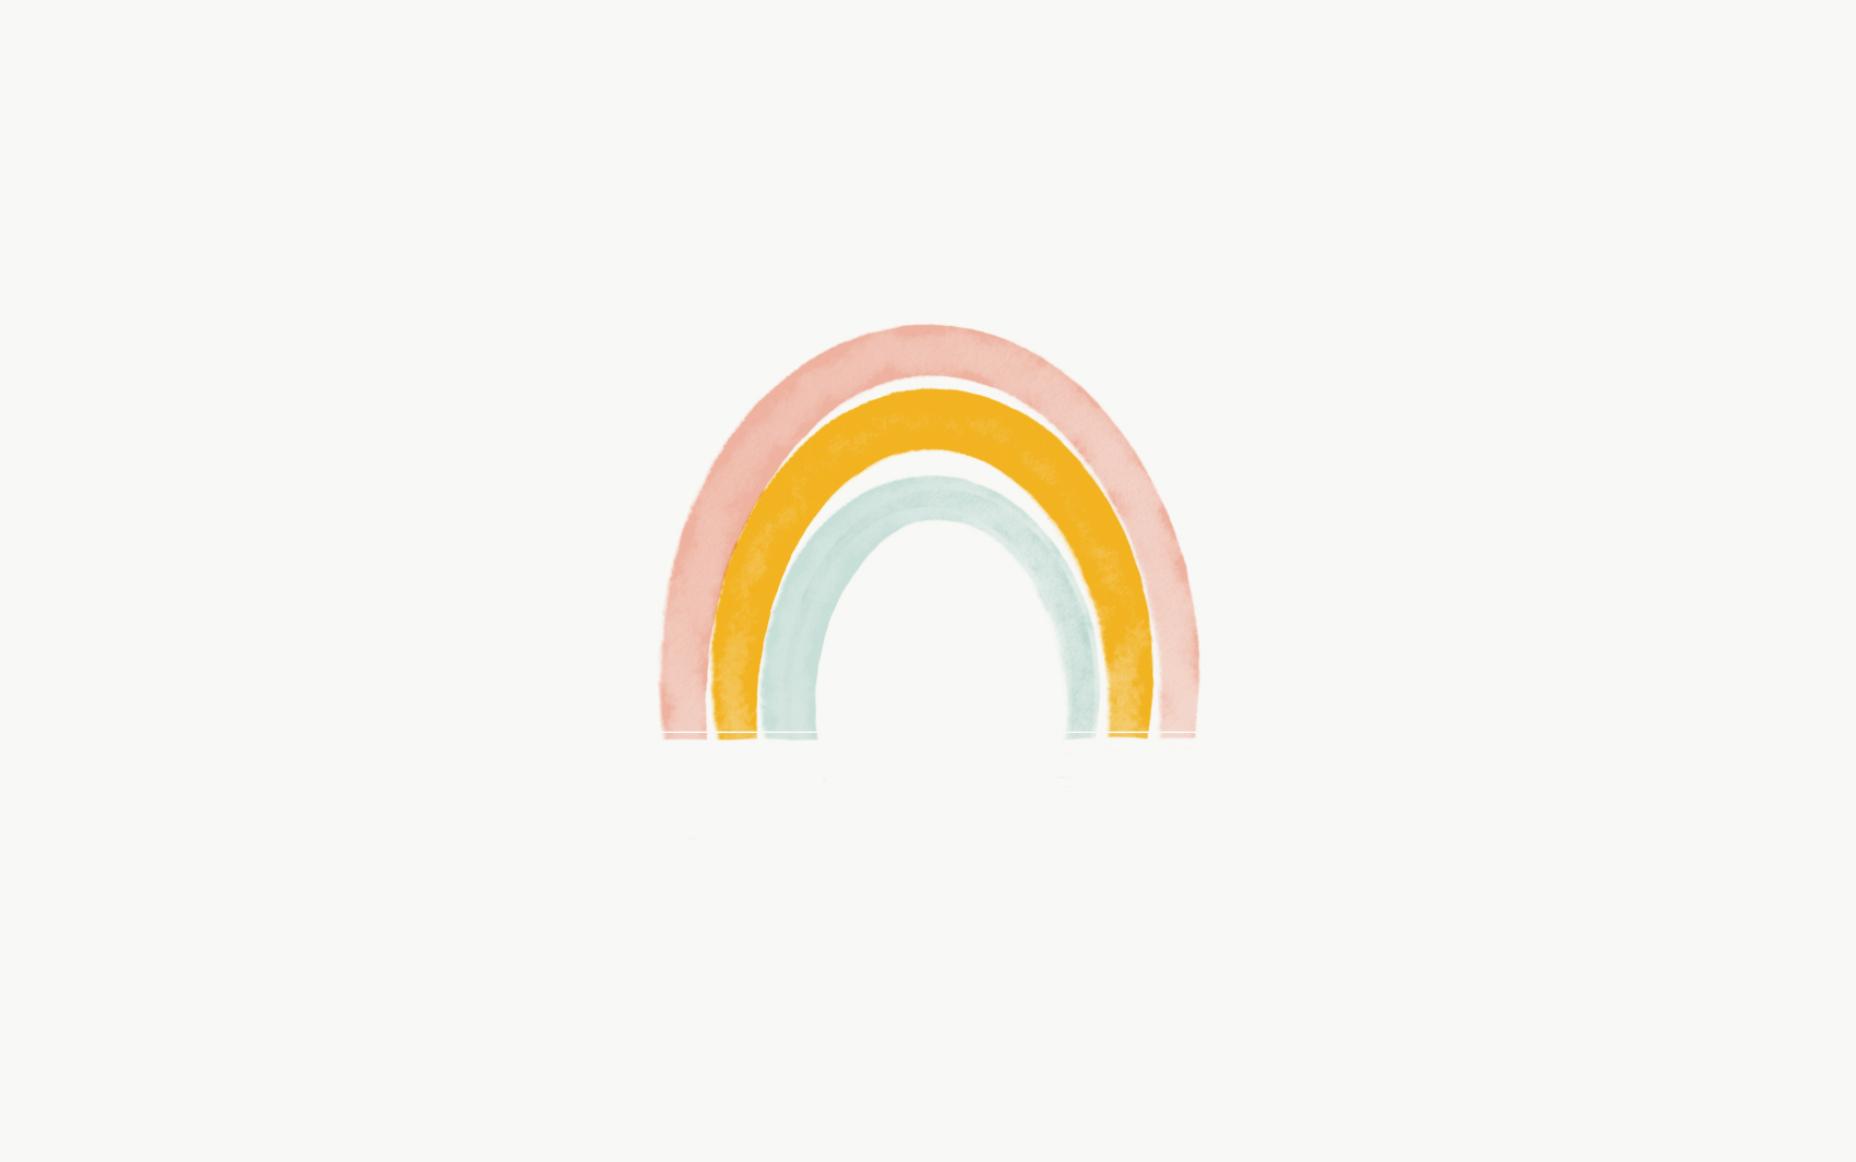 Ohmeed_Single_Rainbow.jpg